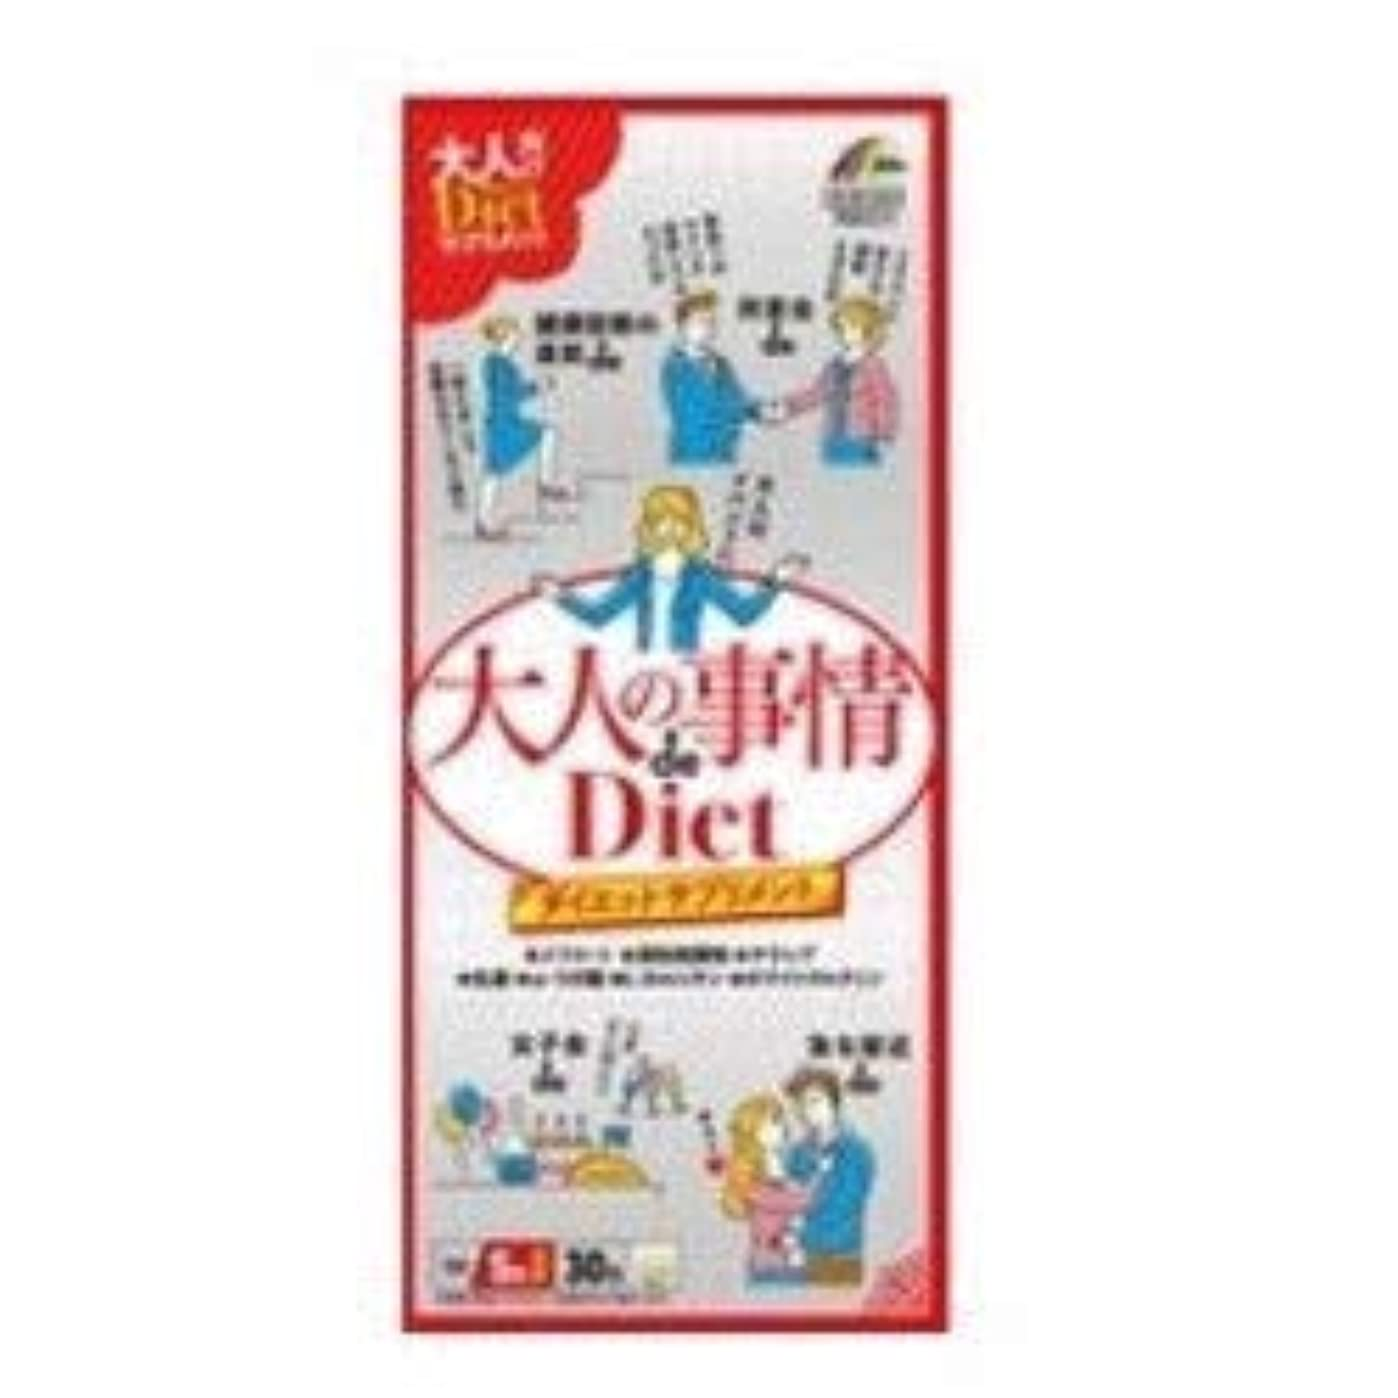 拡大する腹痛廊下【ユニマットリケン】大人の事情ダイエット 30包×5